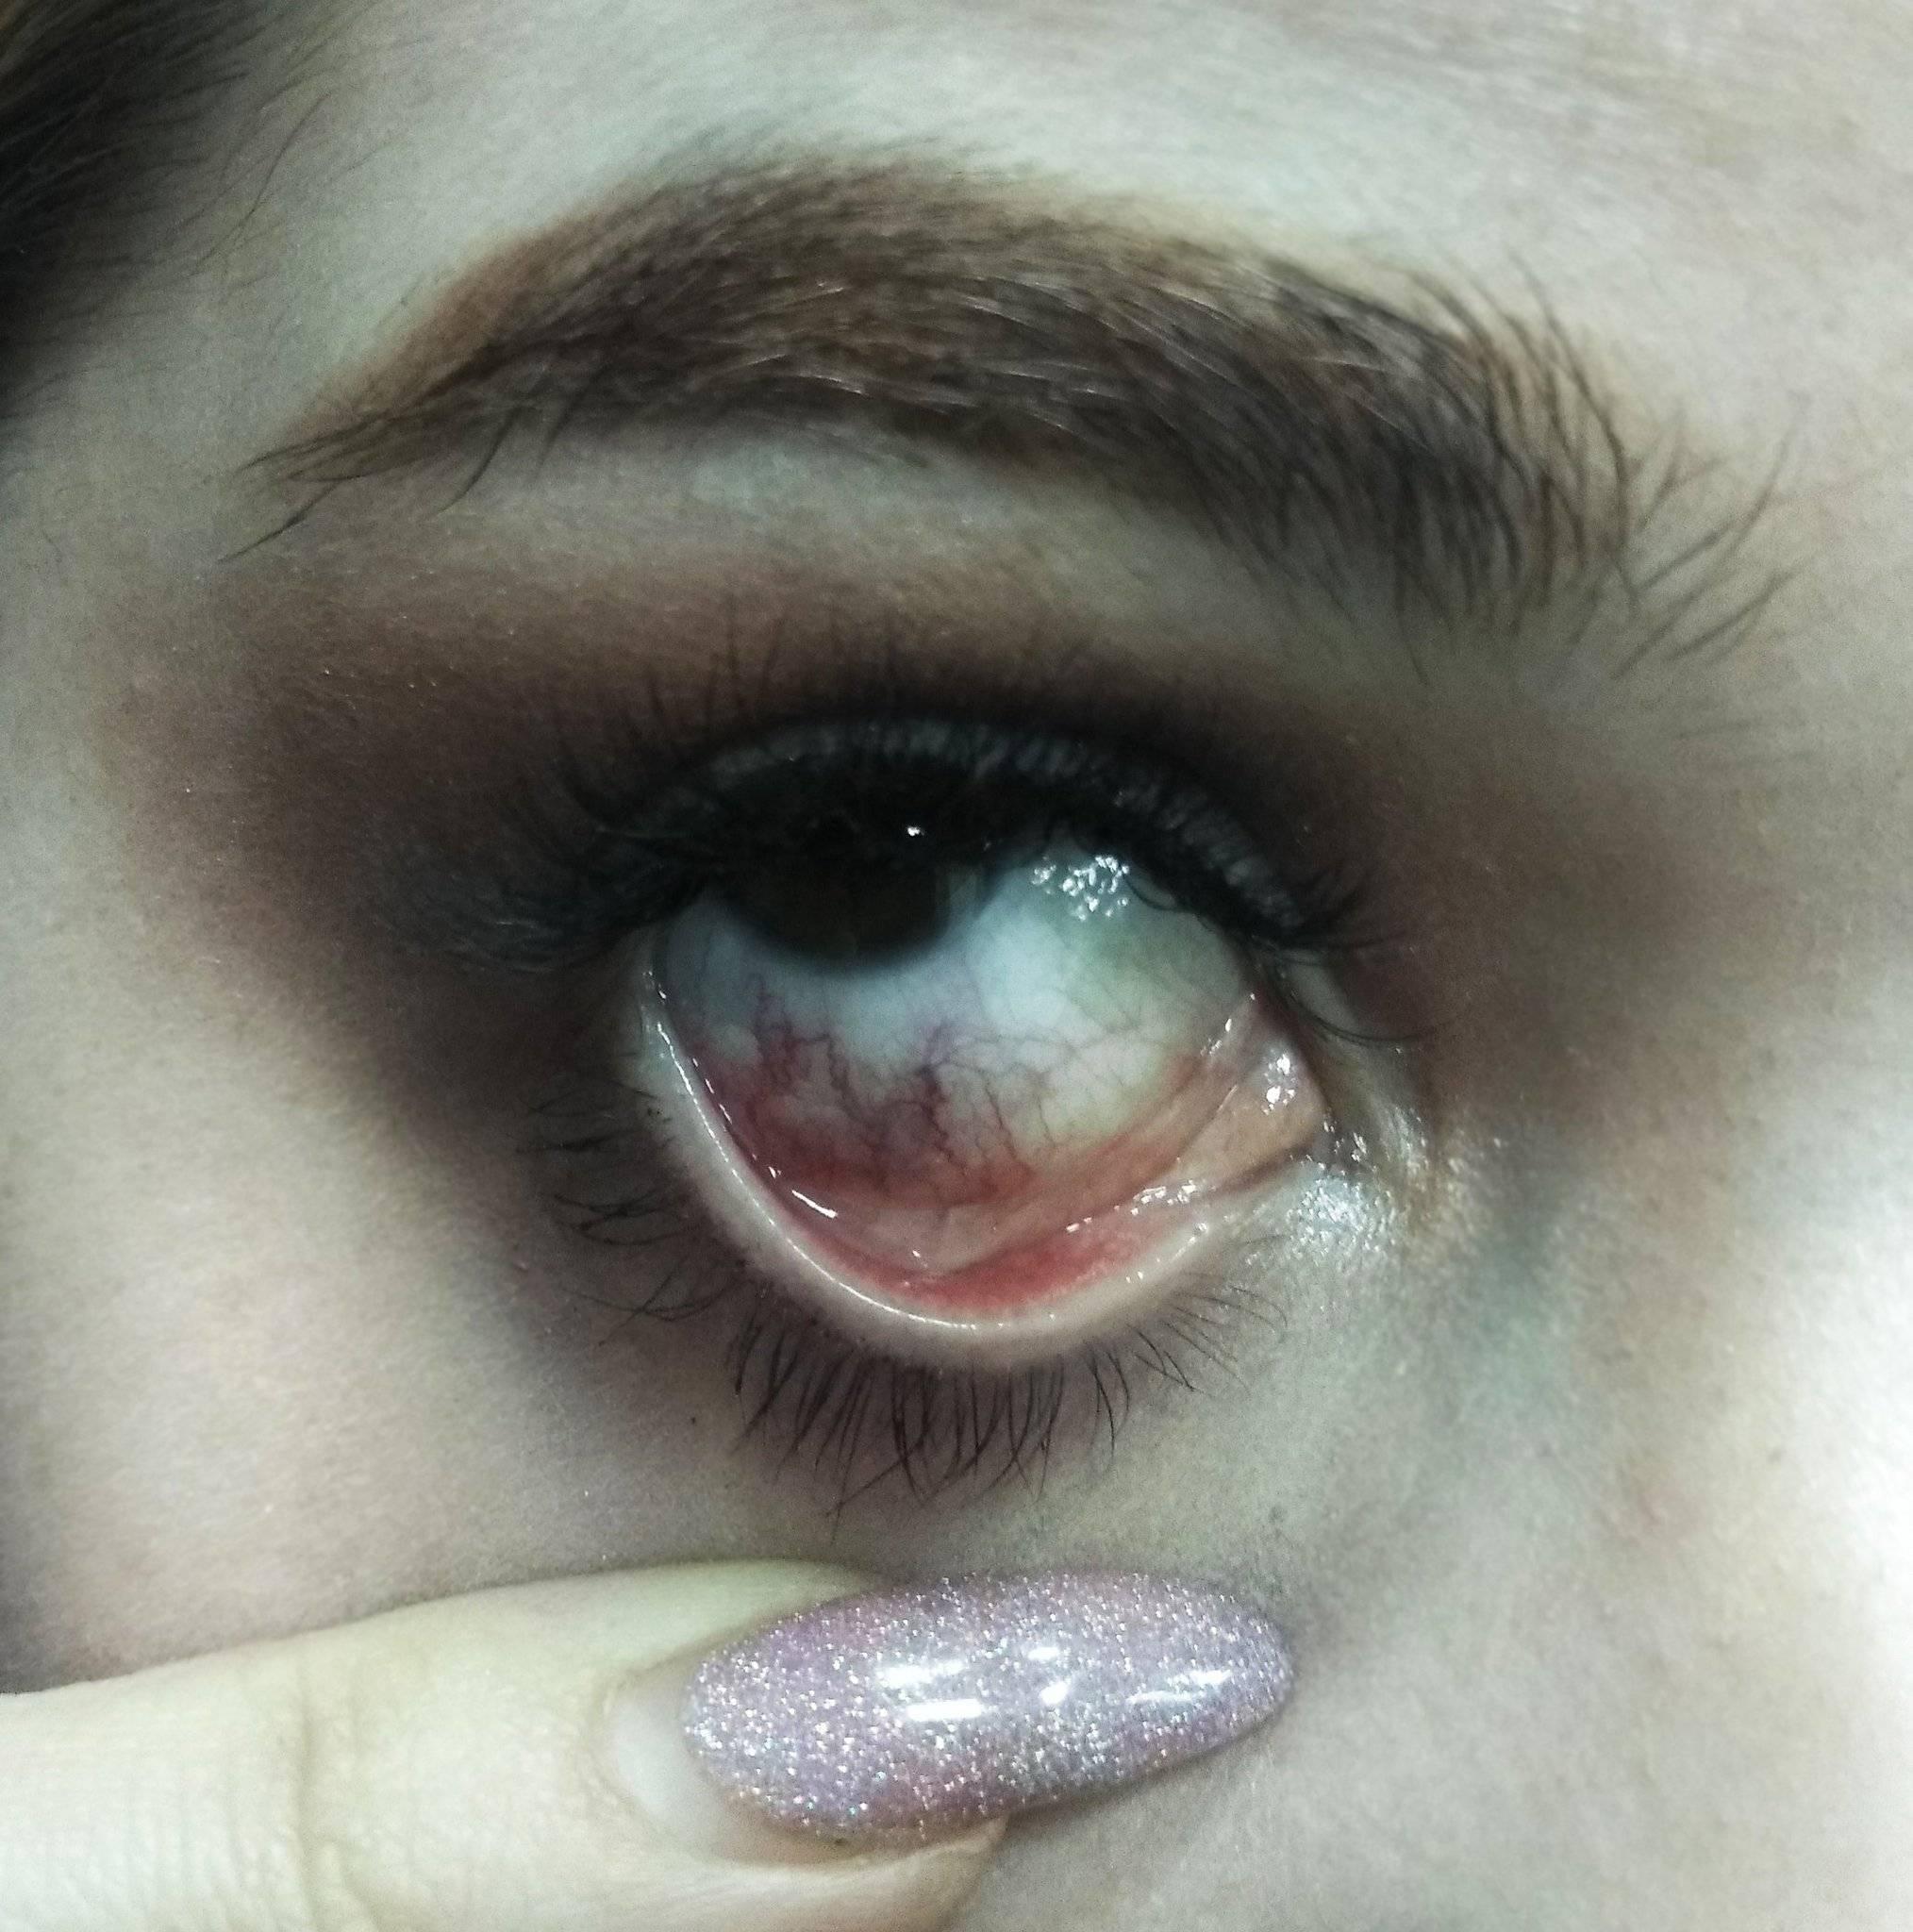 можно ли восстановить сетчатку глаза после ожога